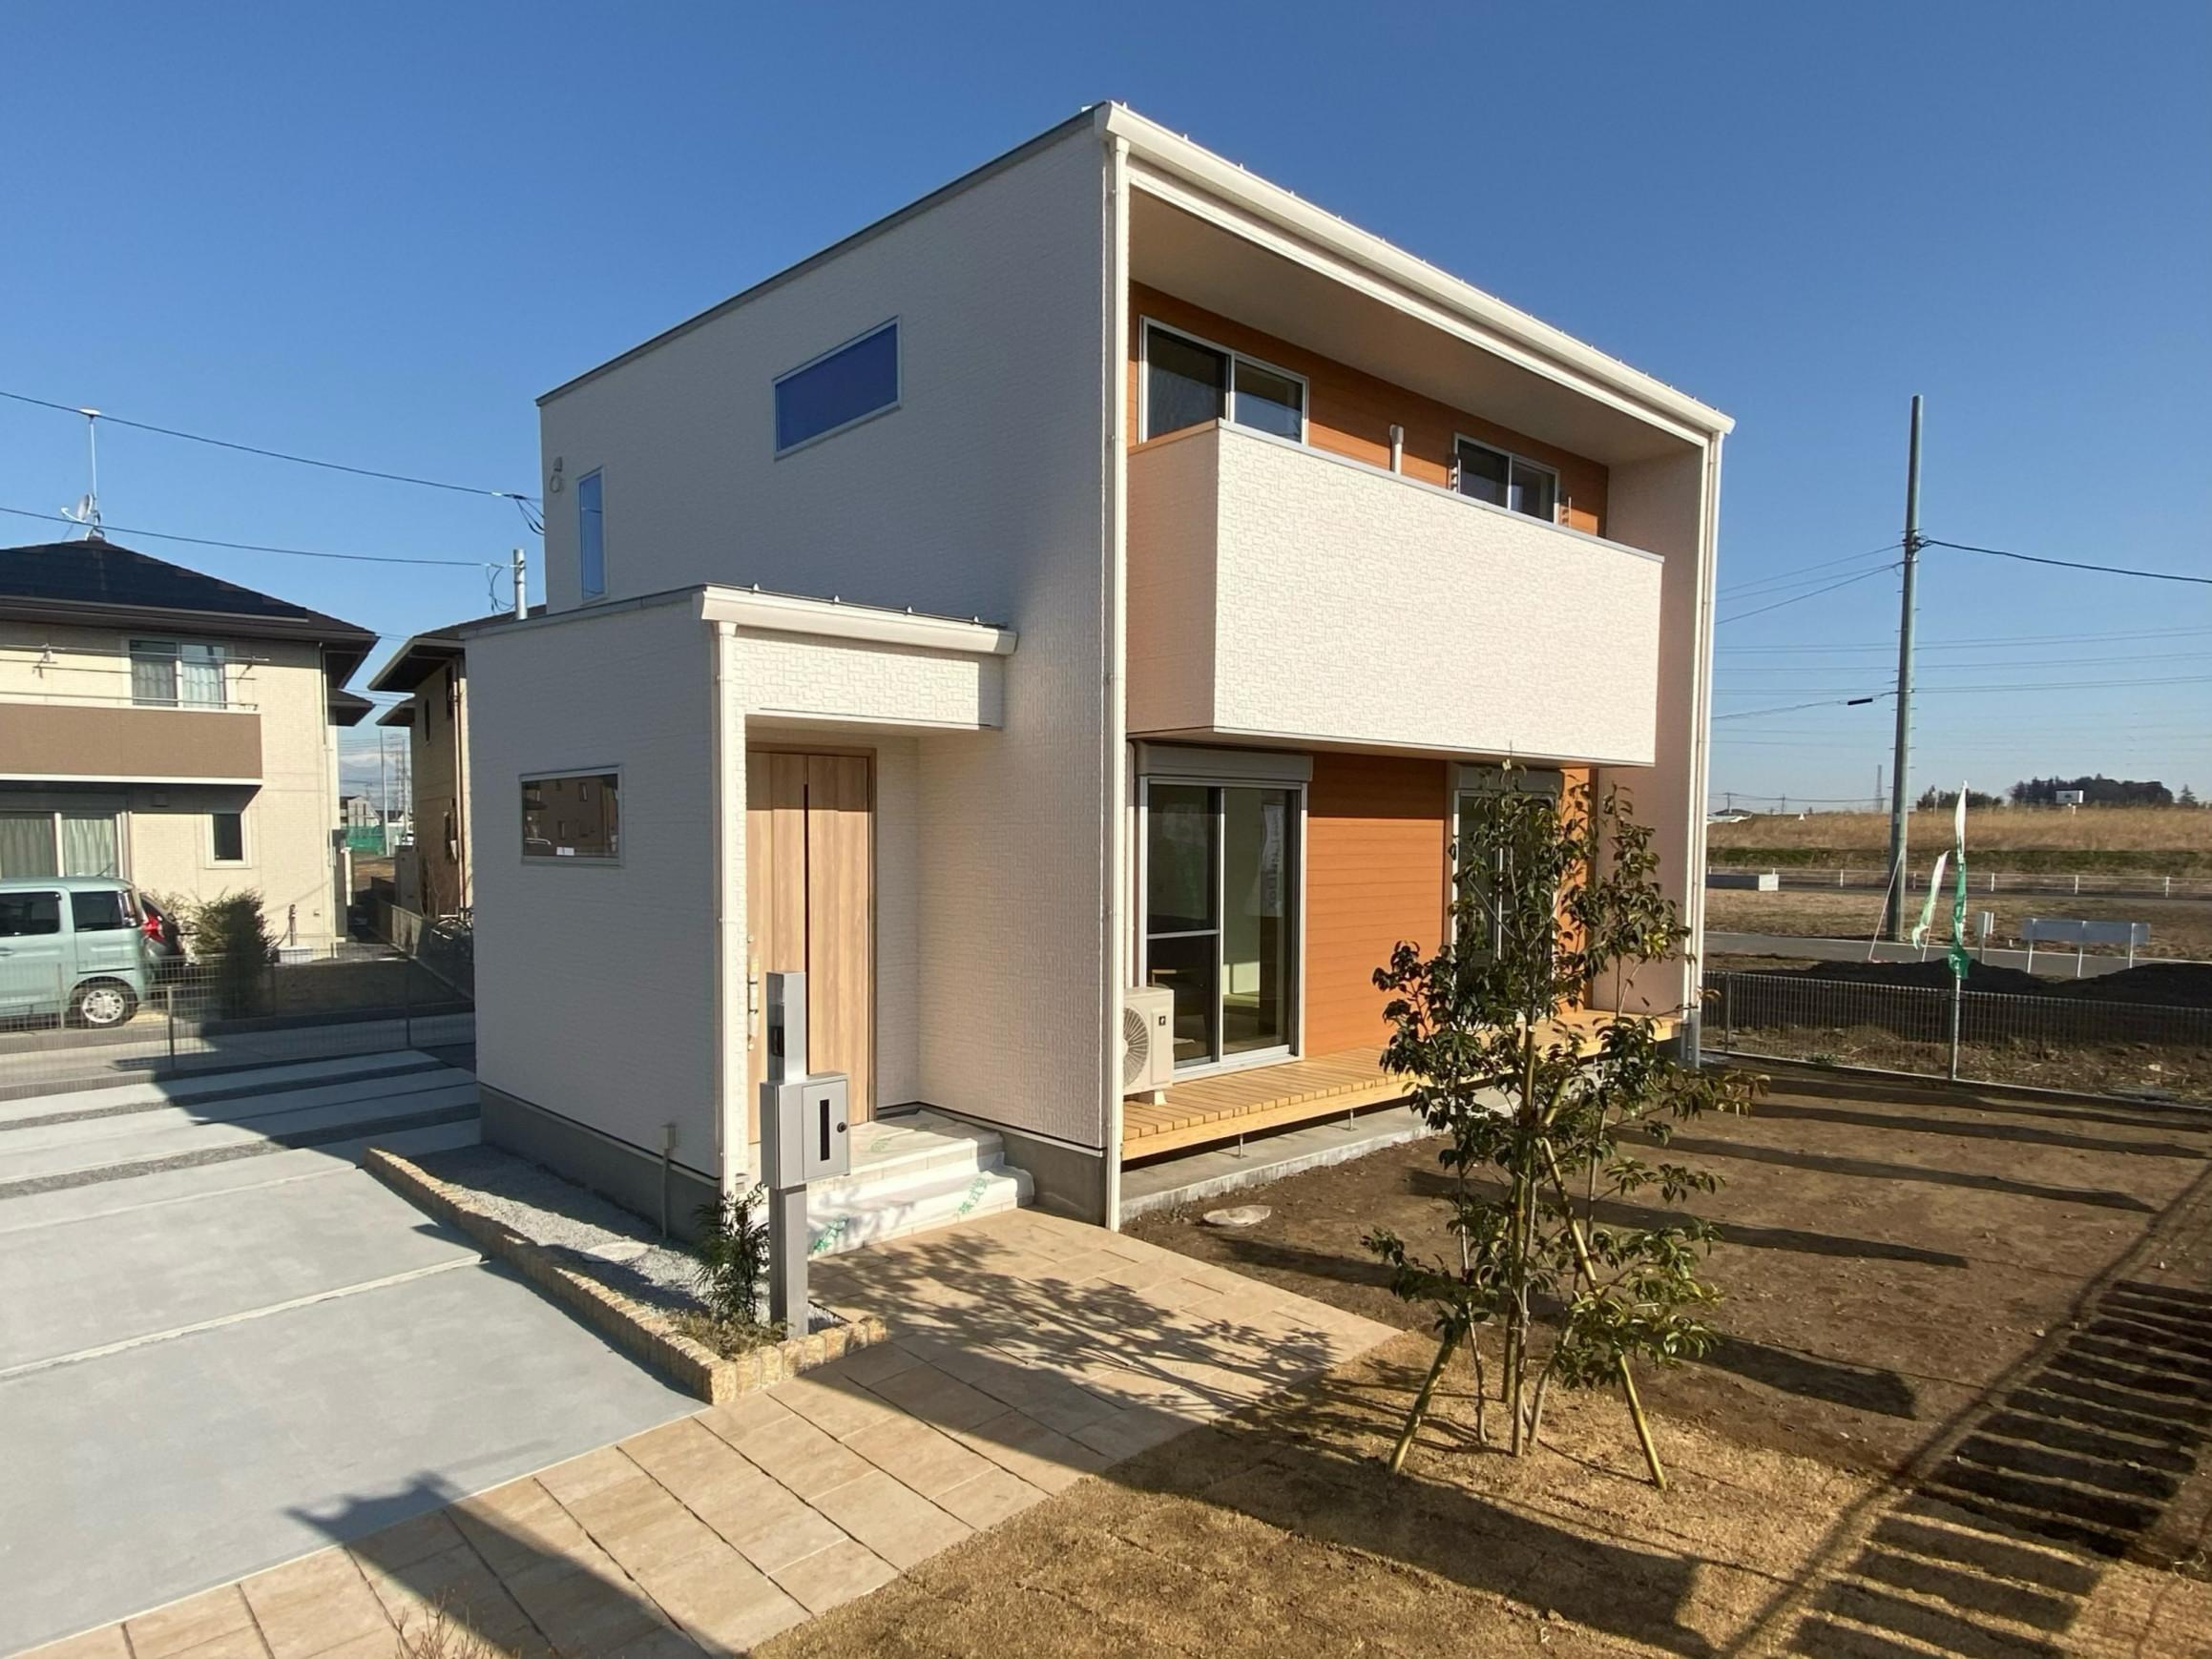 【御成約】旭町区画整理地内 ライフボックス 分譲住宅